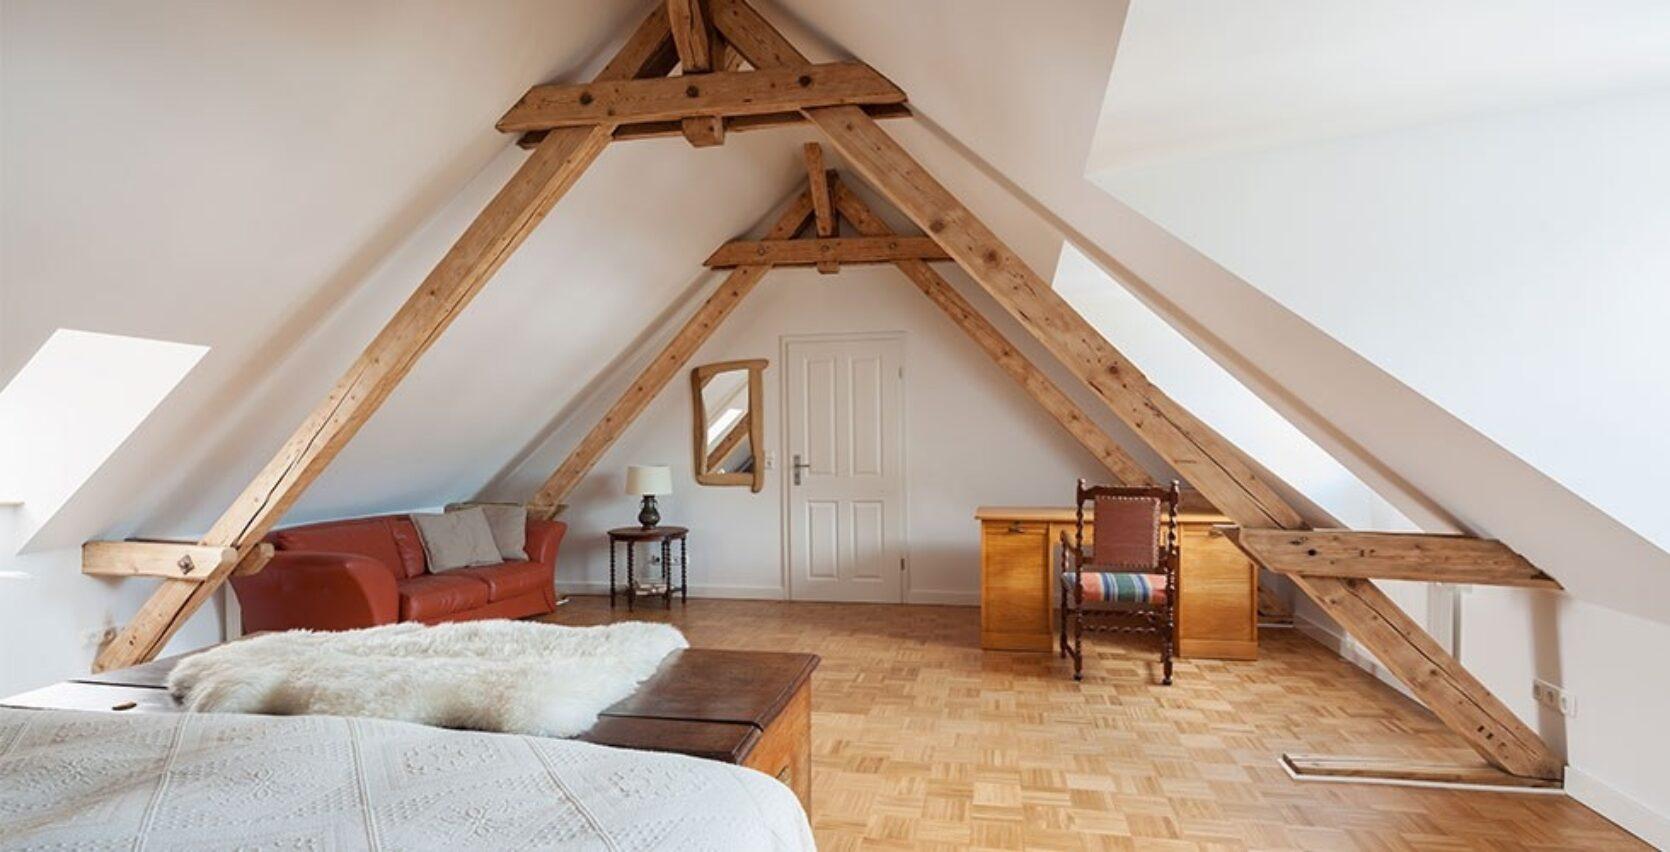 Nyoppusset soverom på loftet med treparkett på gulvet